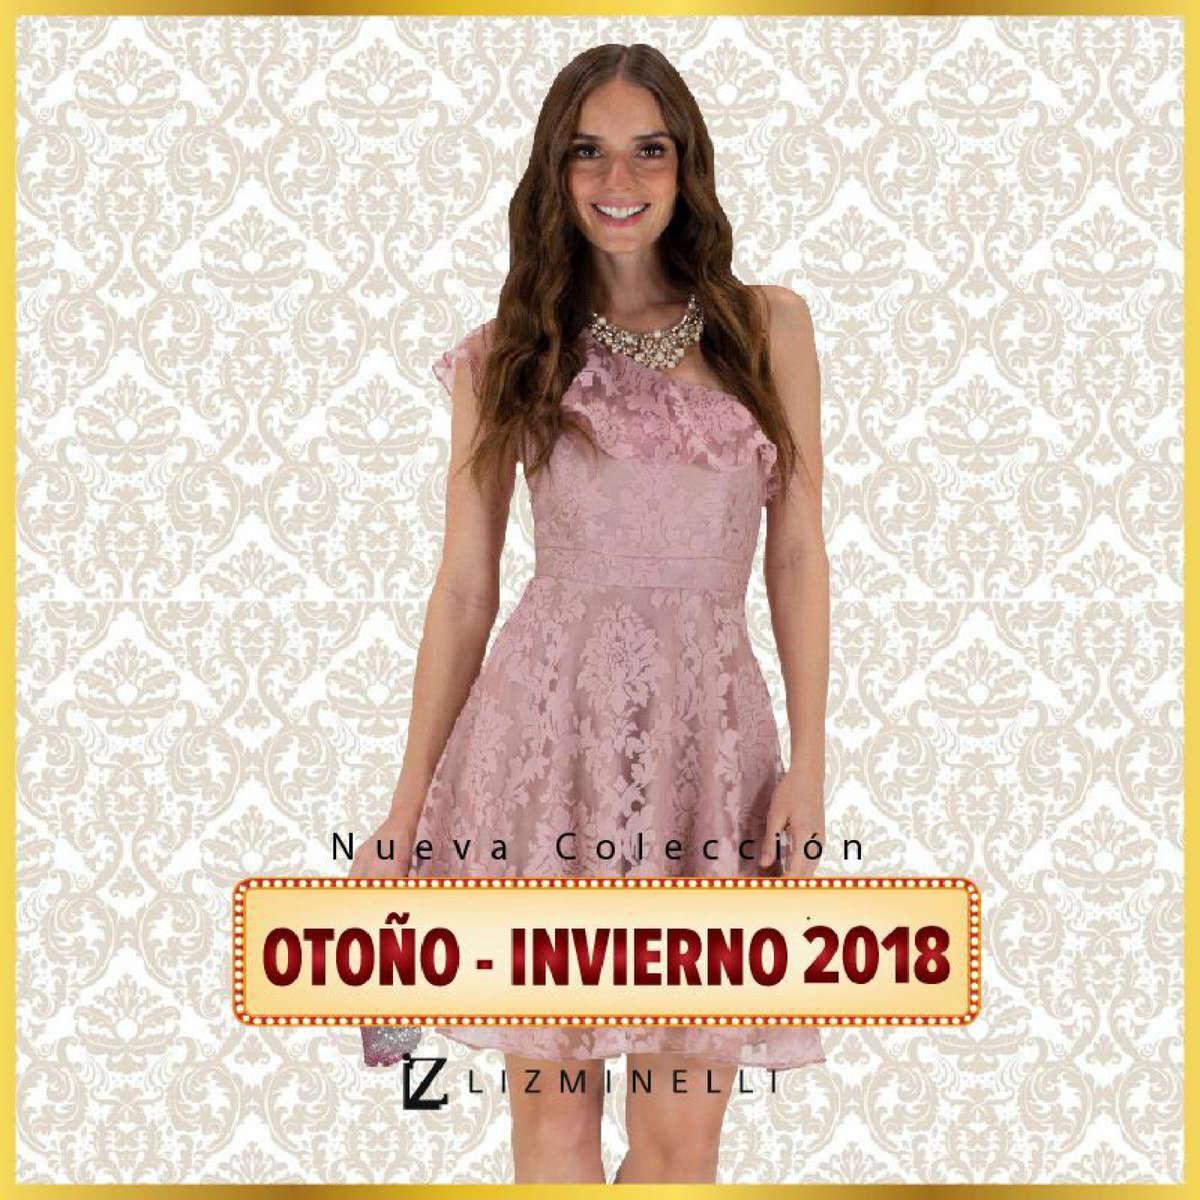 95a6de486 Donde comprar vestidos de noche en toluca - Vestidos verano